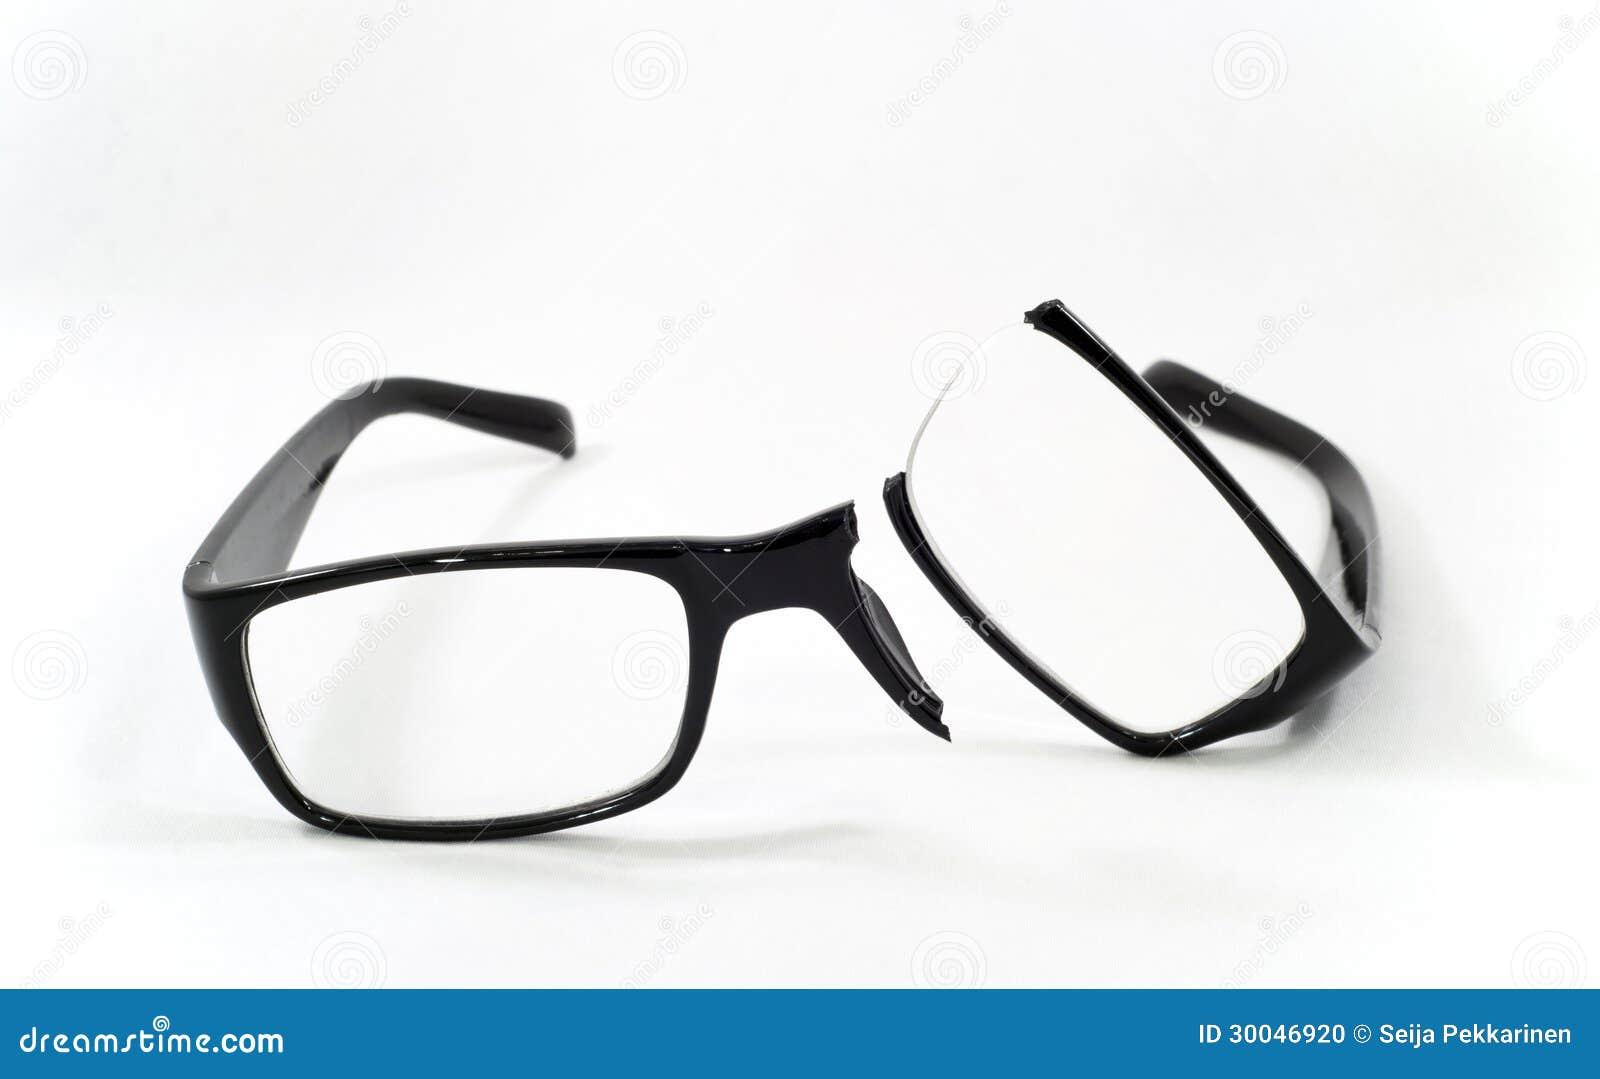 Broken eyeglasses stock photo. Image of glasses, black - 30046920